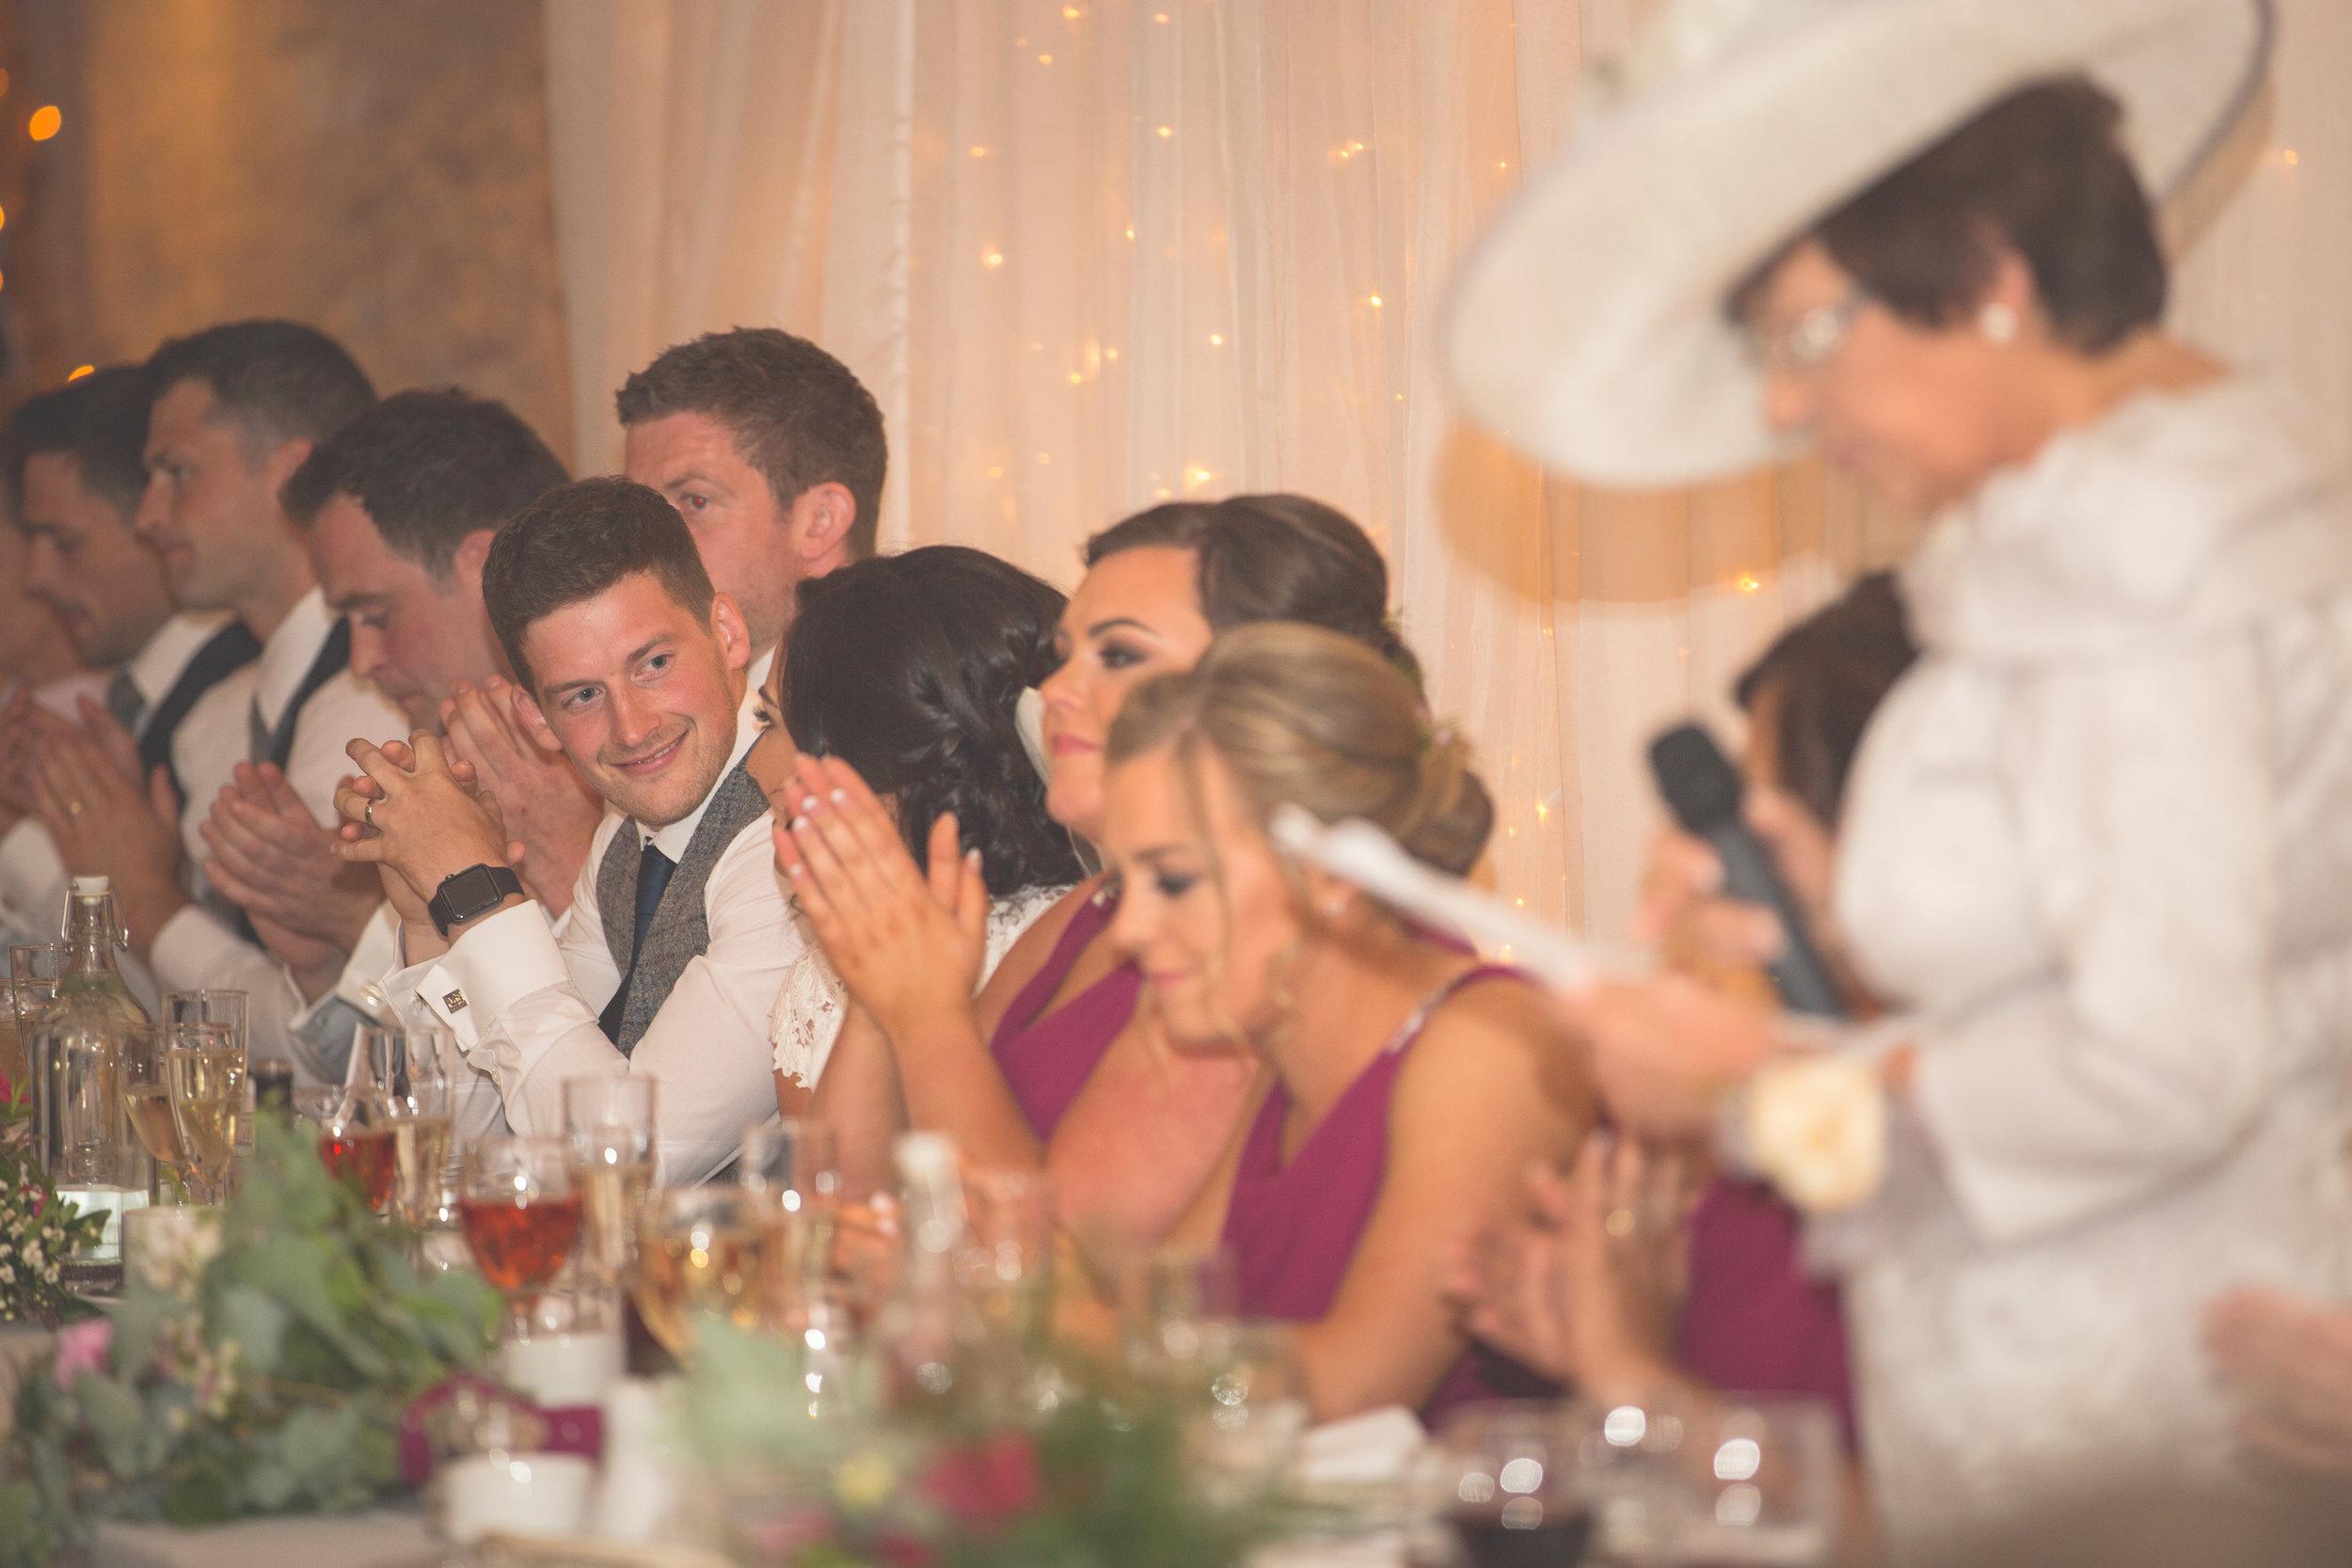 Brian McEwan Wedding Photography | Carol-Anne & Sean | The Speeches-59.jpg